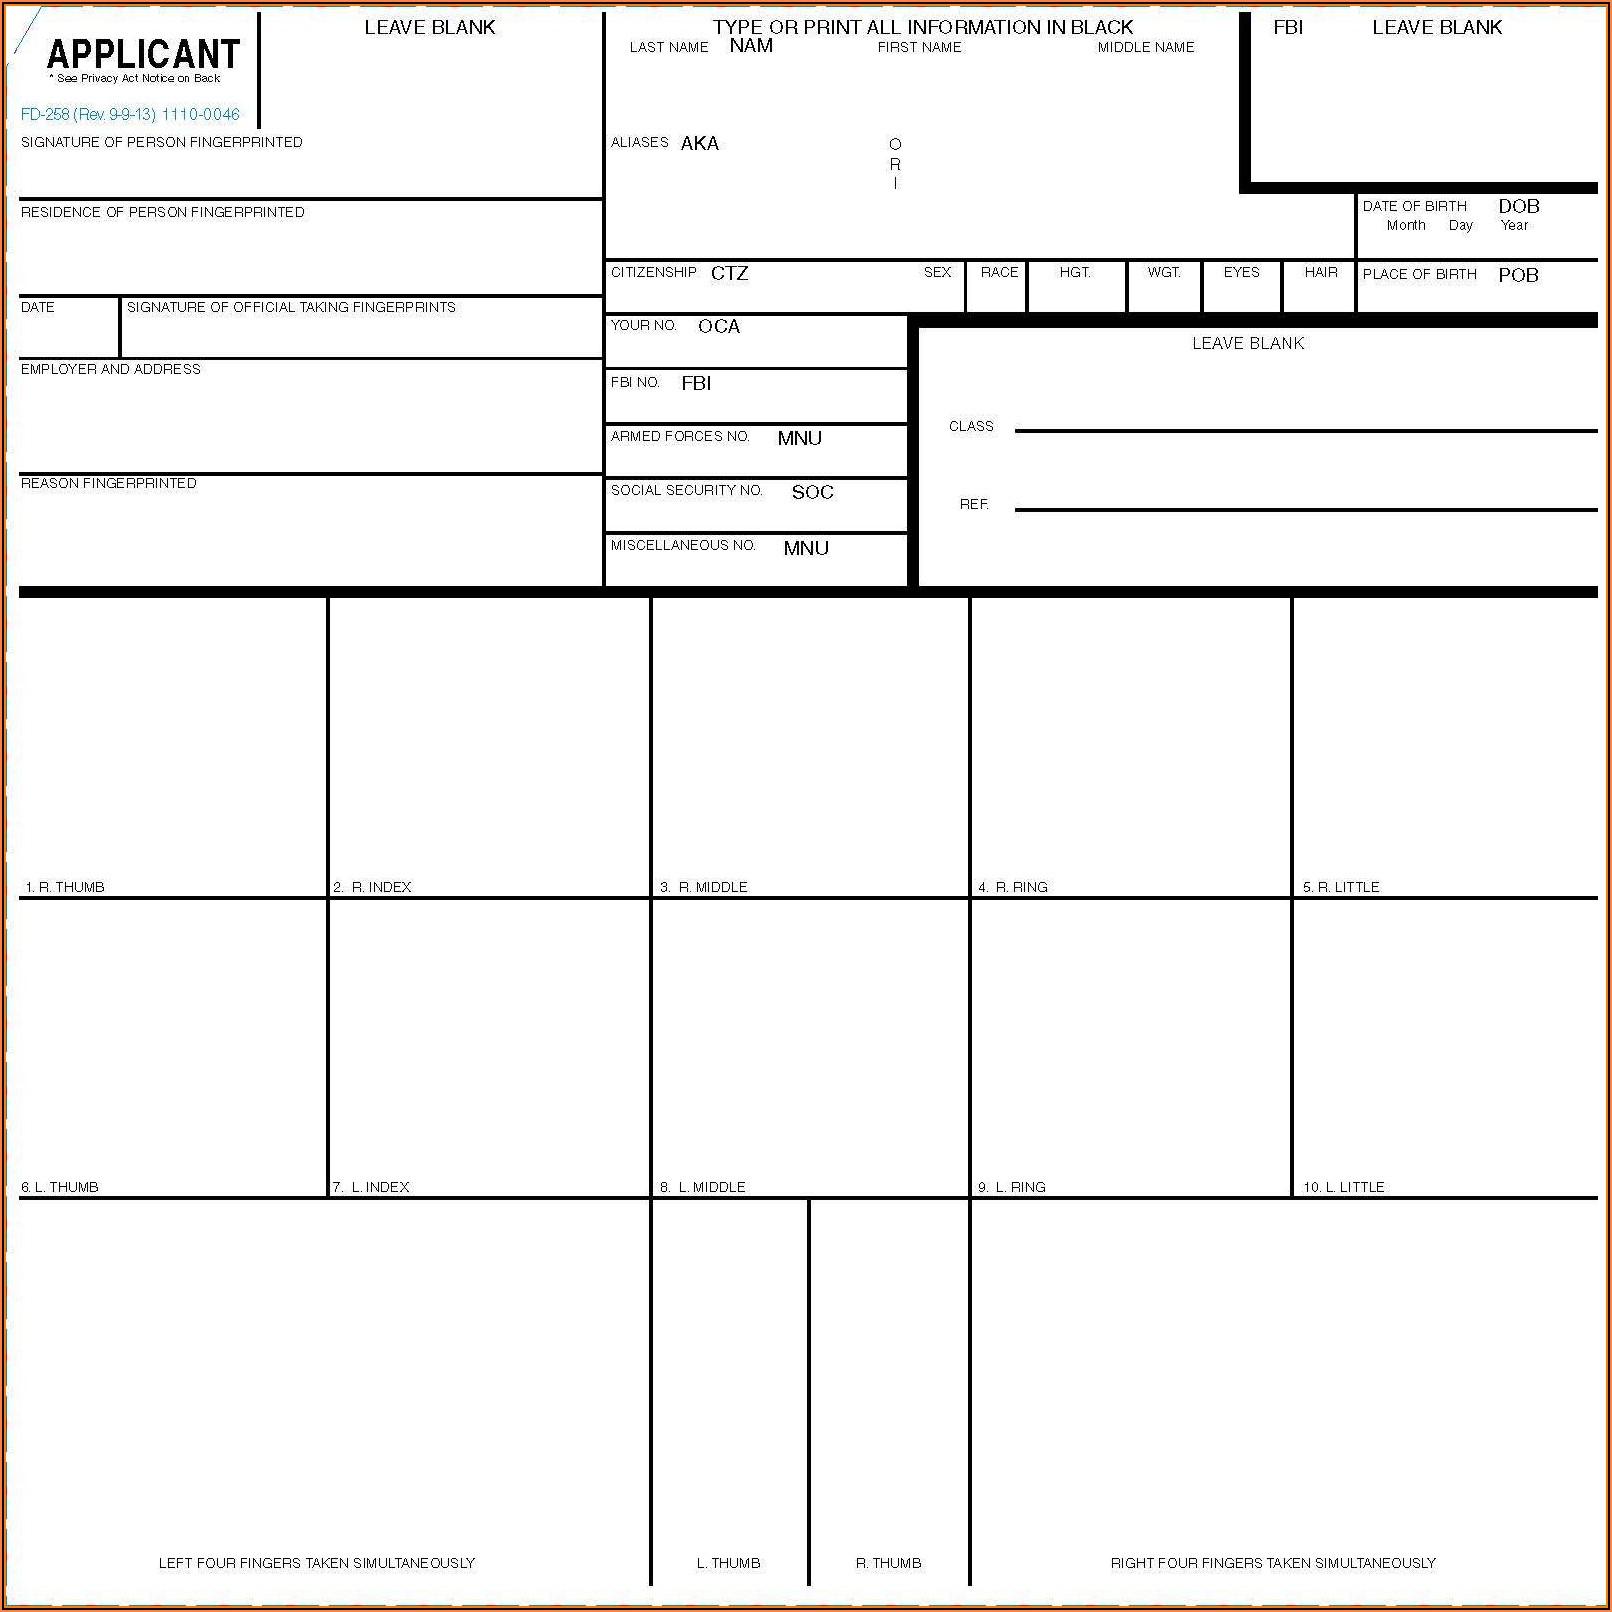 Standard Fingerprint Form (fd 258)